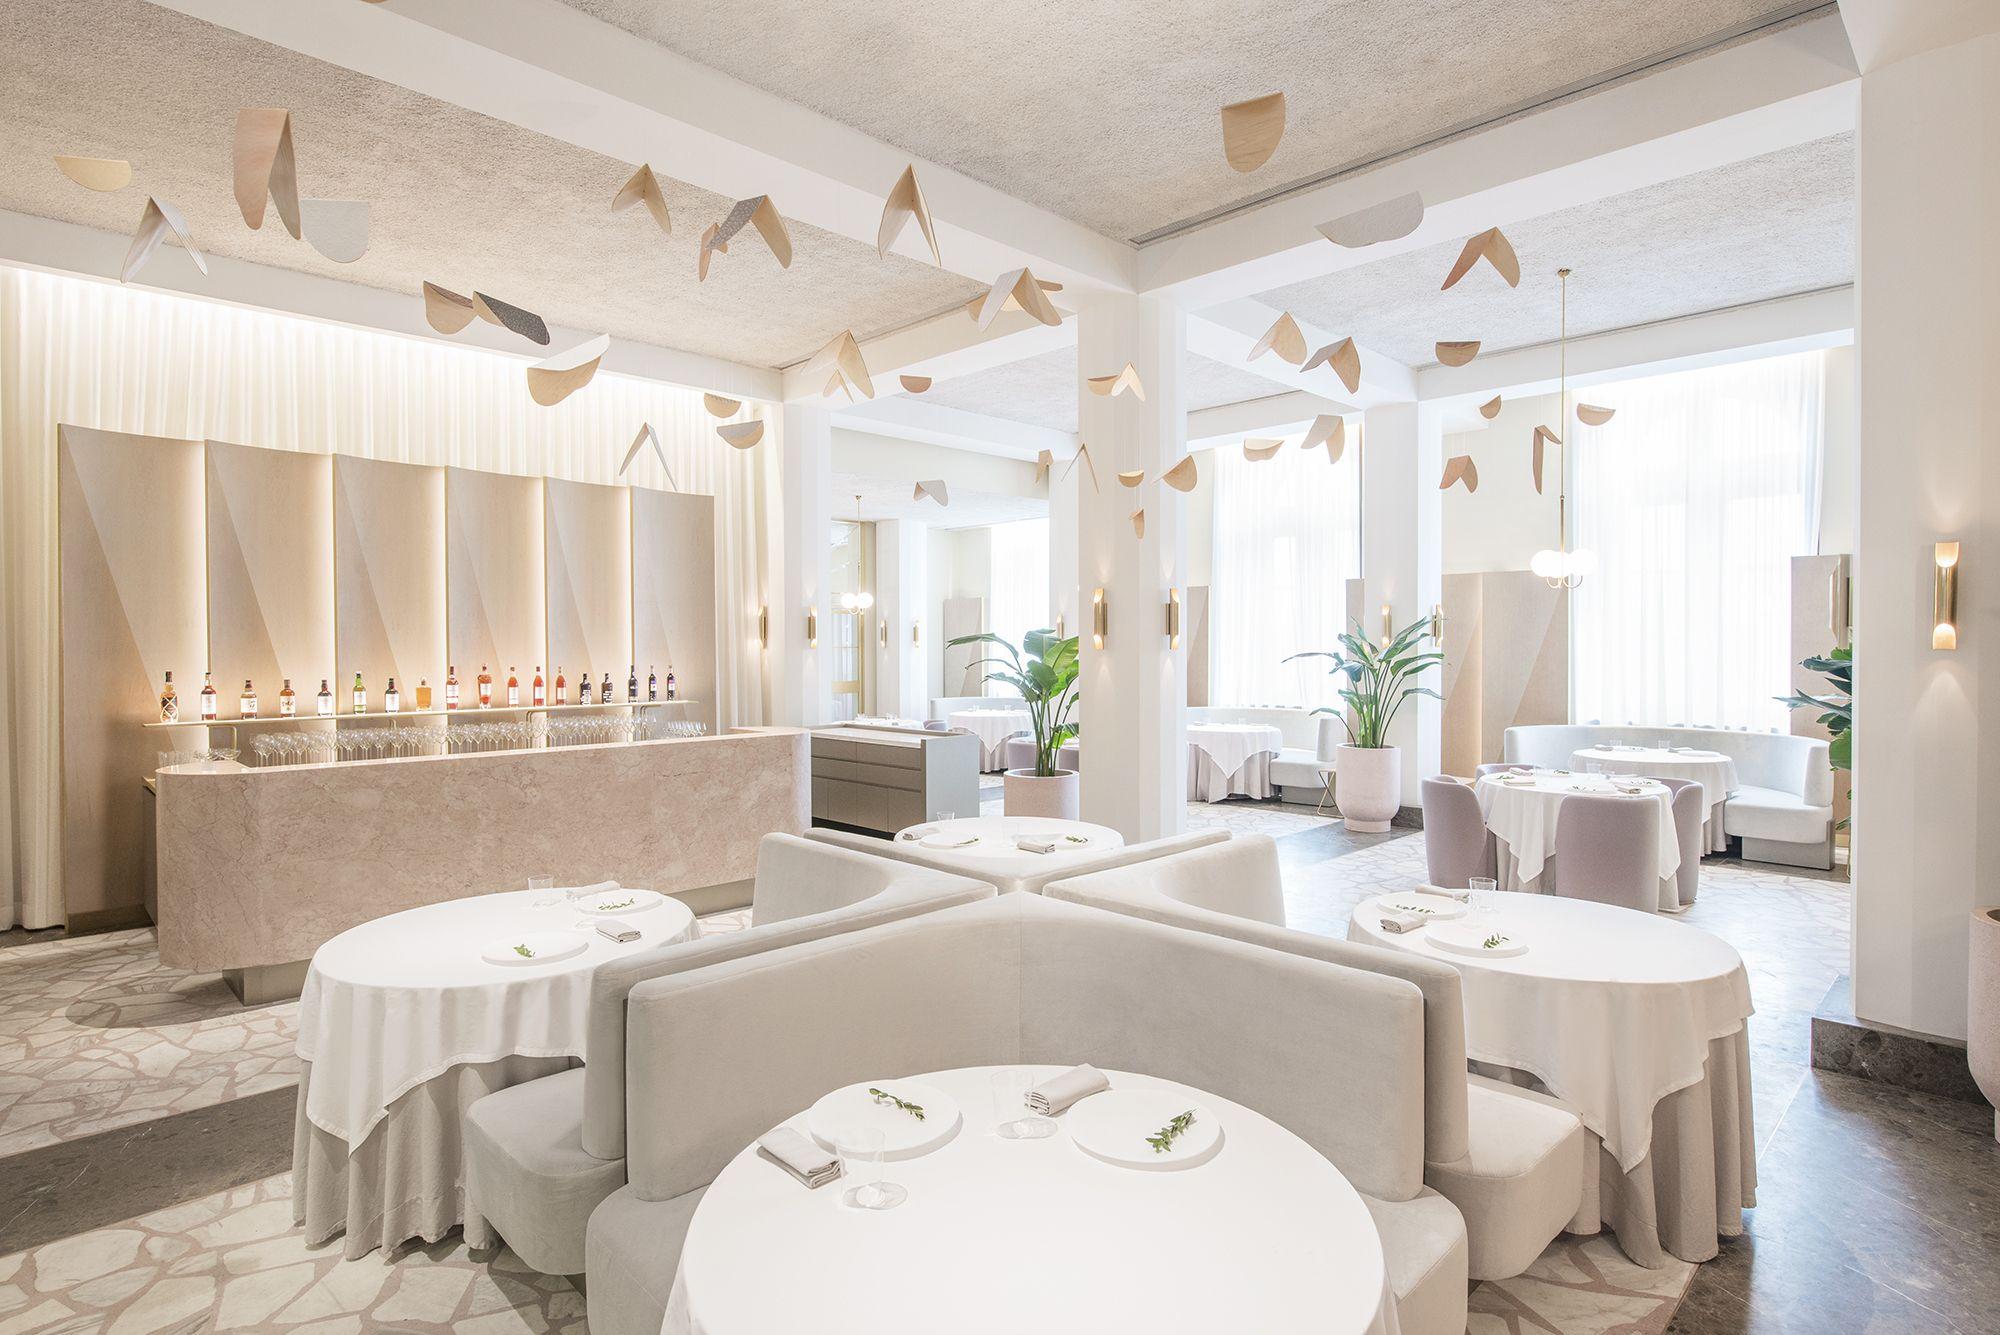 Ristorante Odette Singapore | Ristorante interni, Design per ...